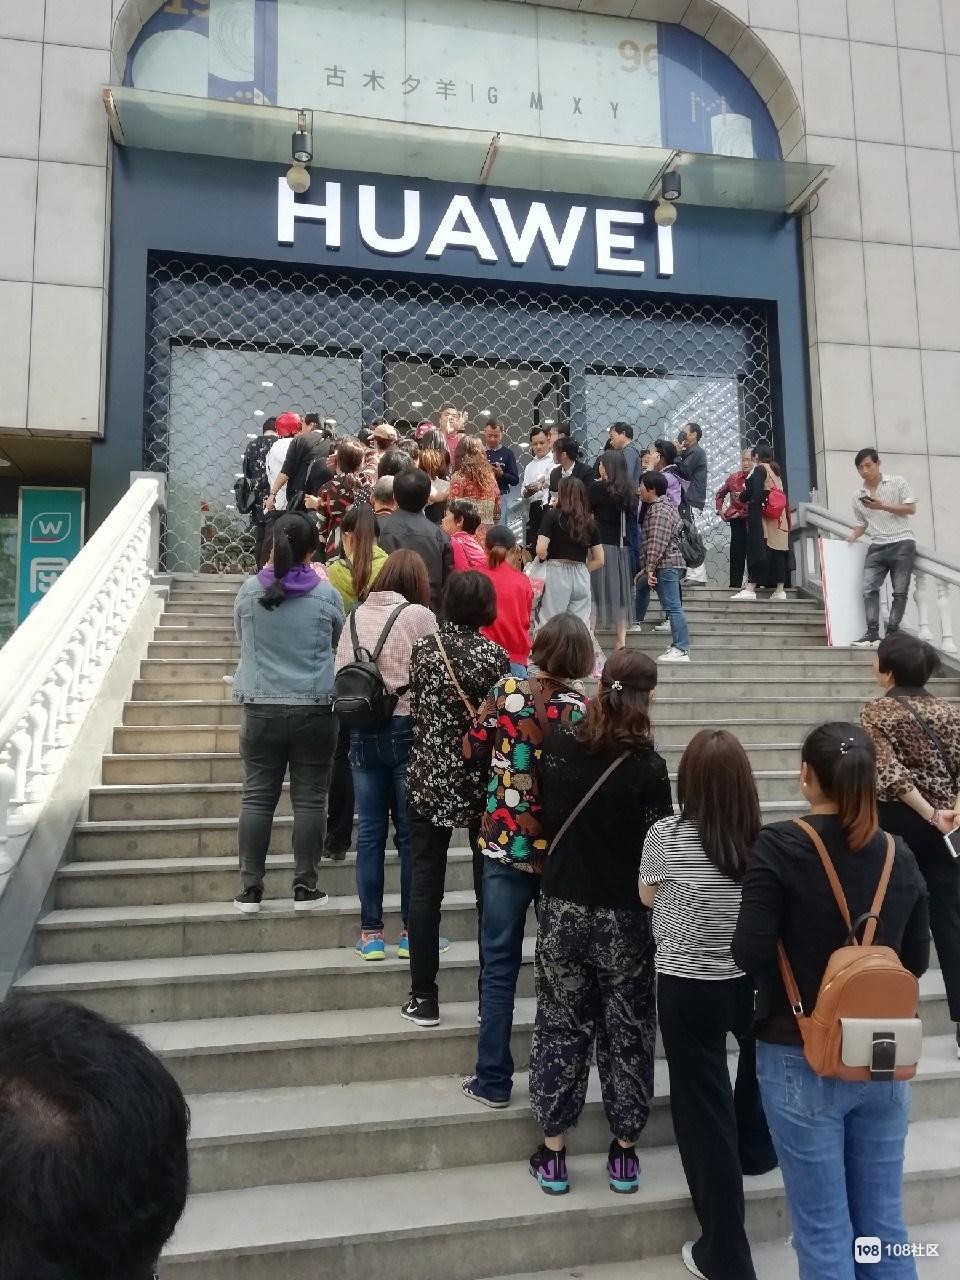 东方华为门口全是人,据说夜里四点就有人来排队了!